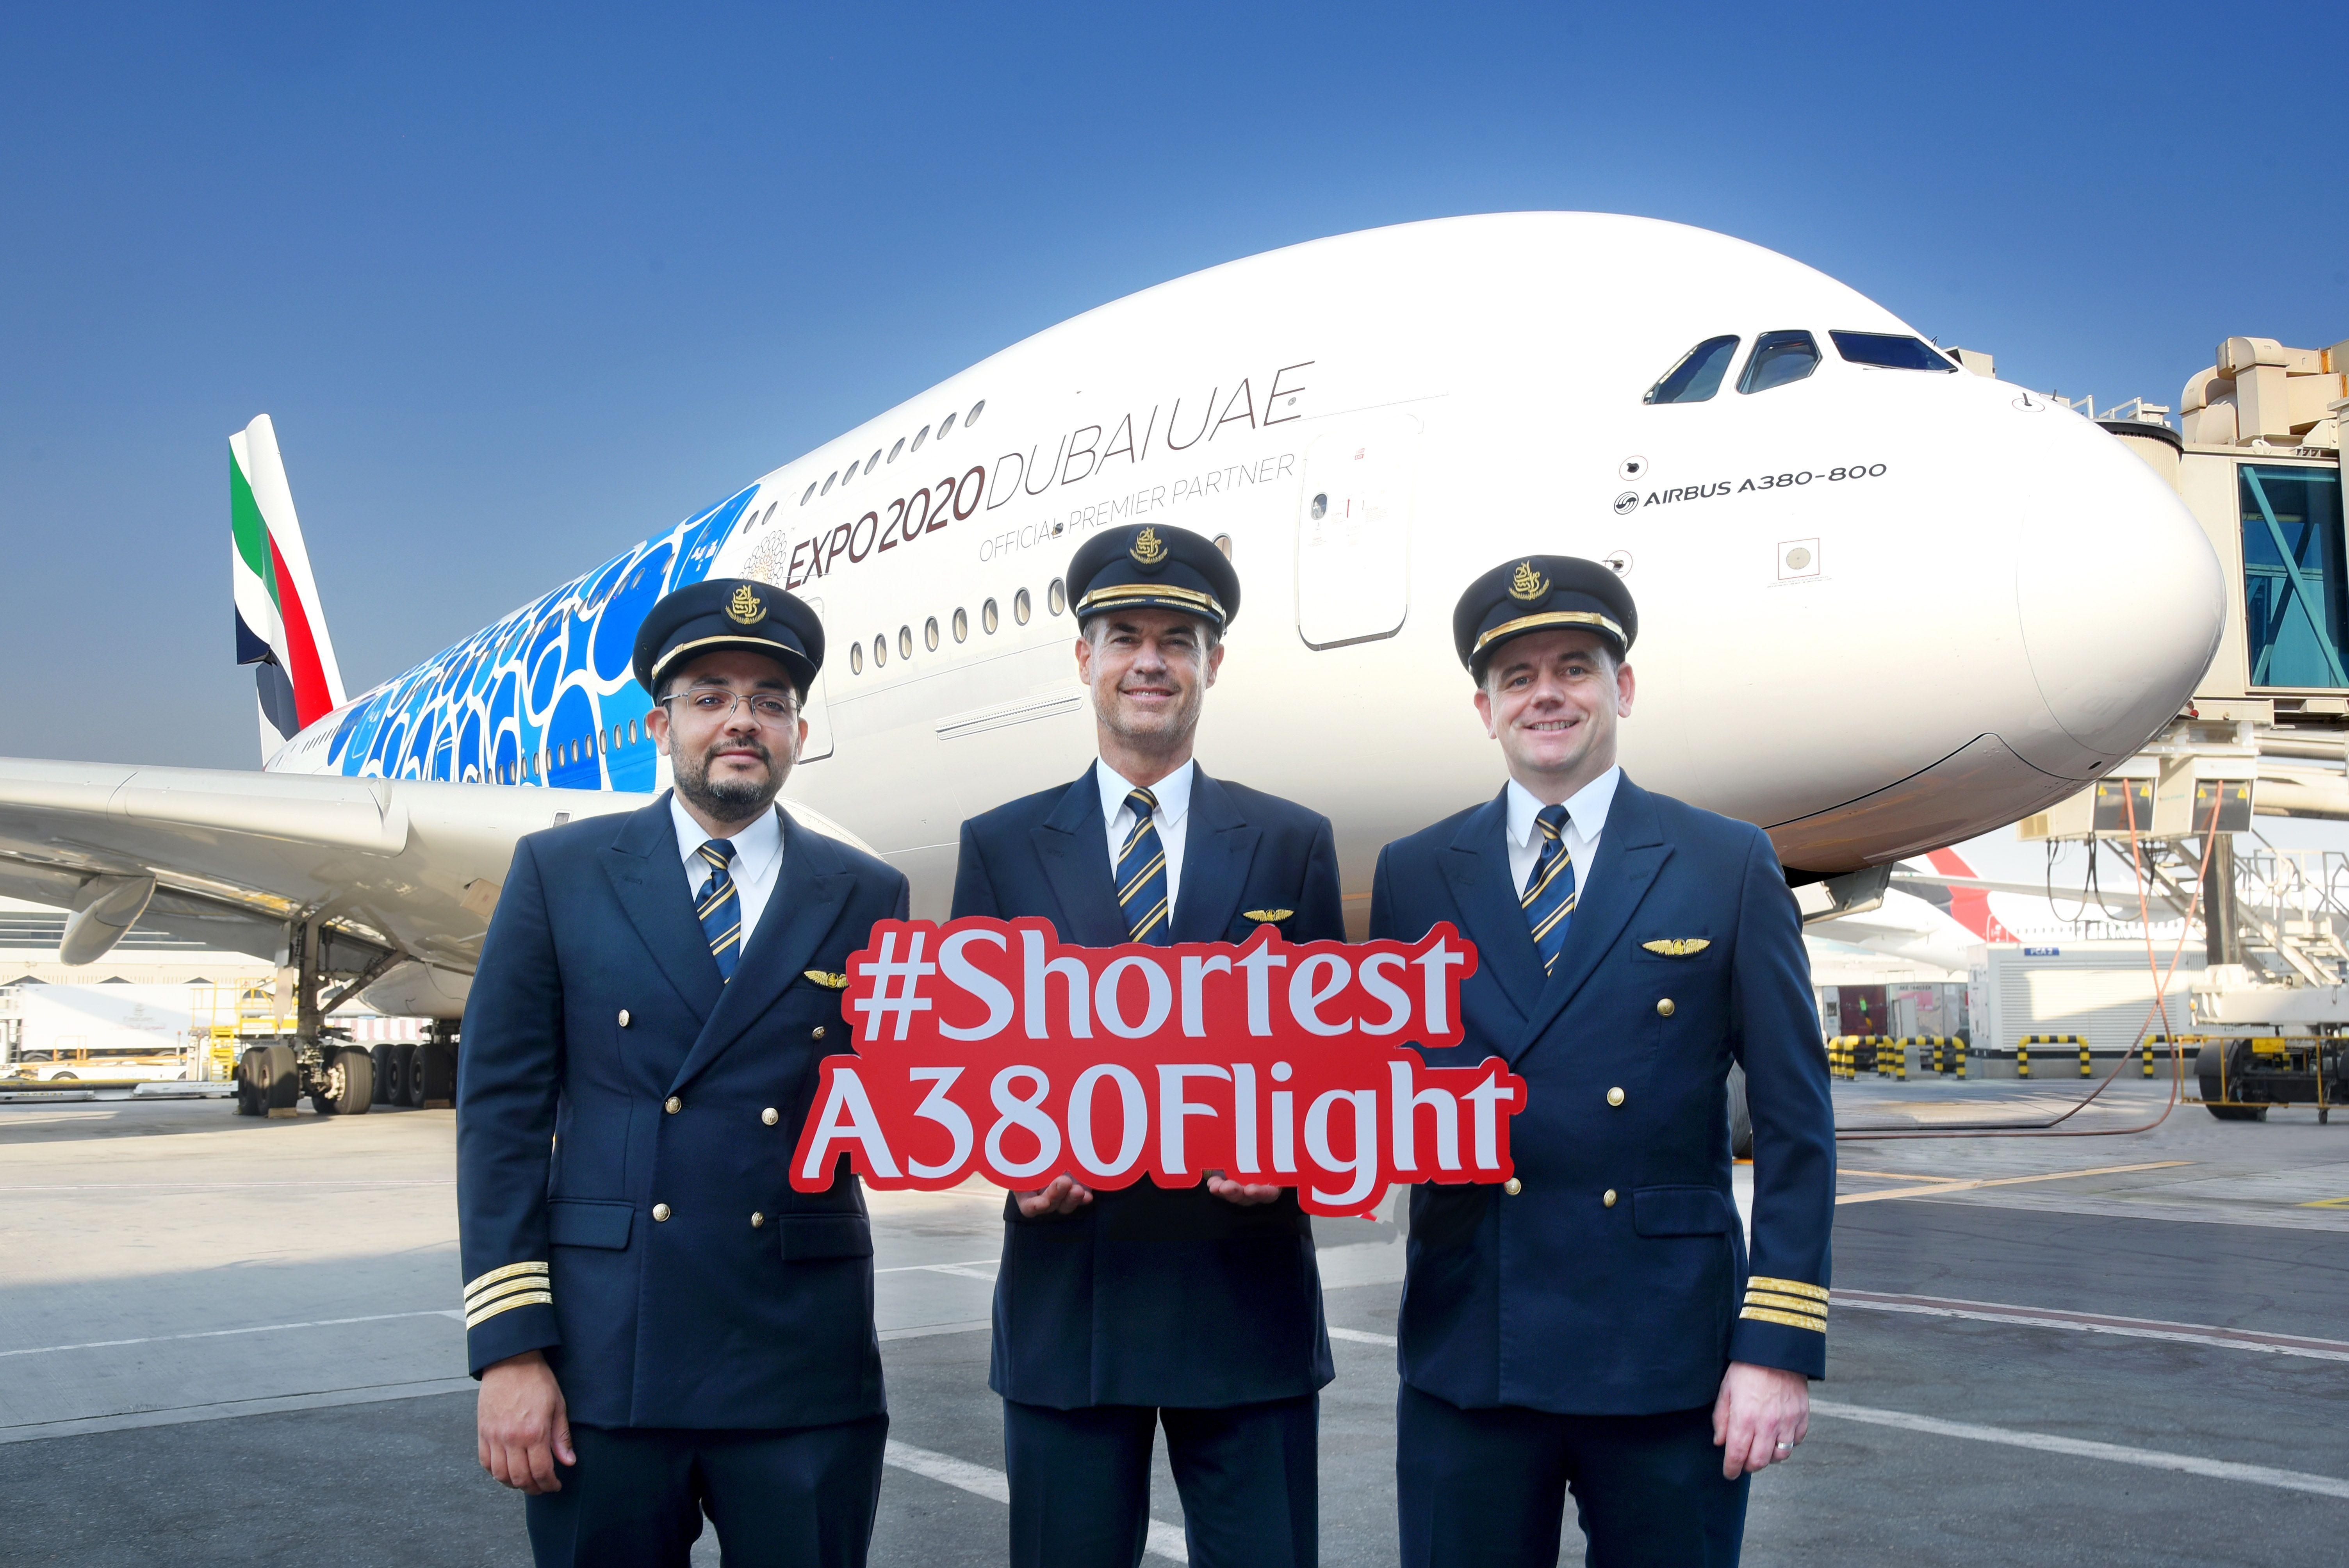 阿联酋航空开通全球最短A380航线——从迪拜至马斯喀特